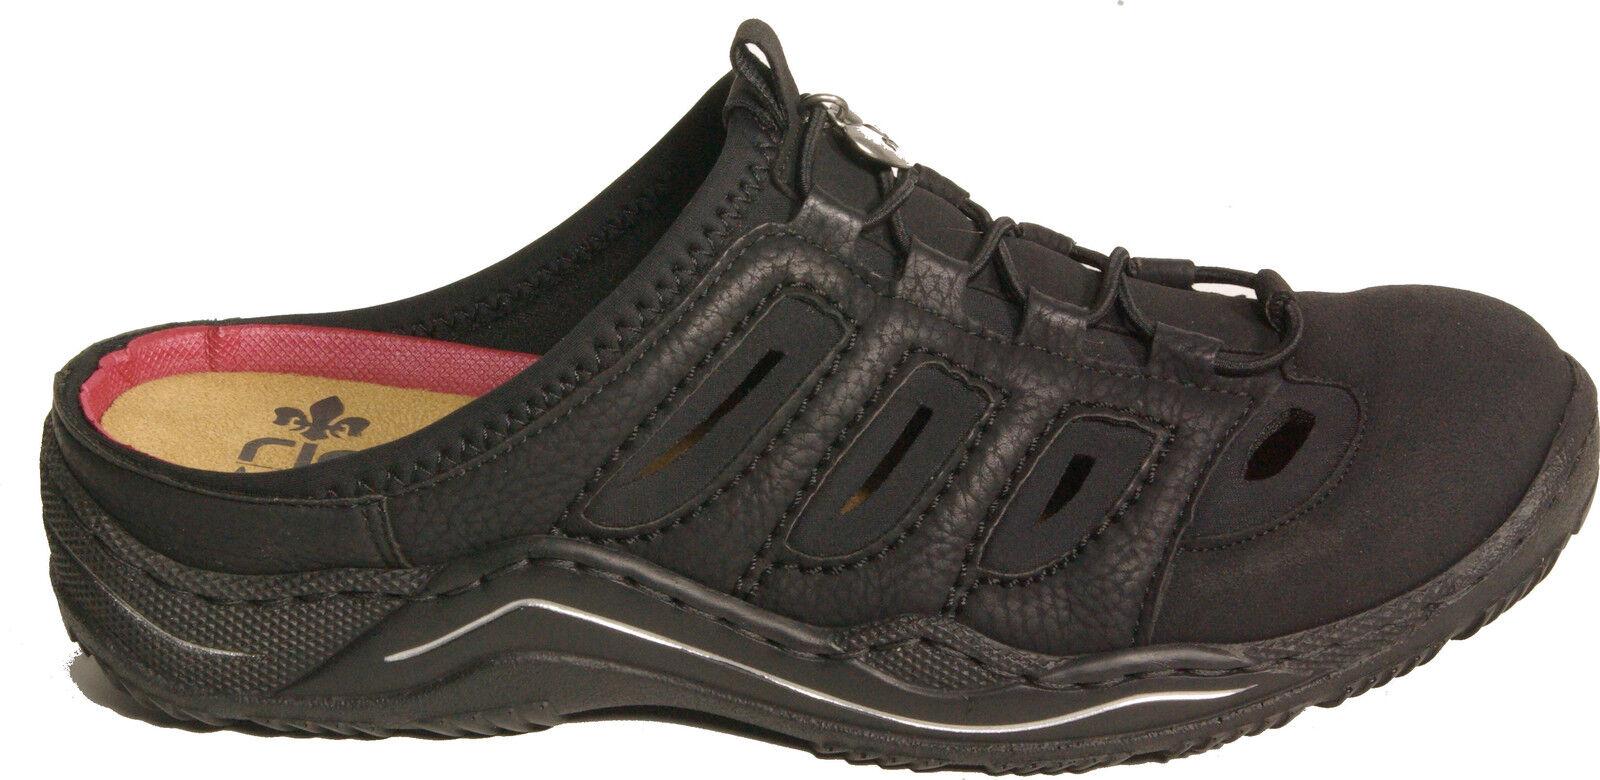 Rieker Scarpe sportive sandali NUOVO zoccoli nero all'elastico chiusura NUOVO sandali f86902